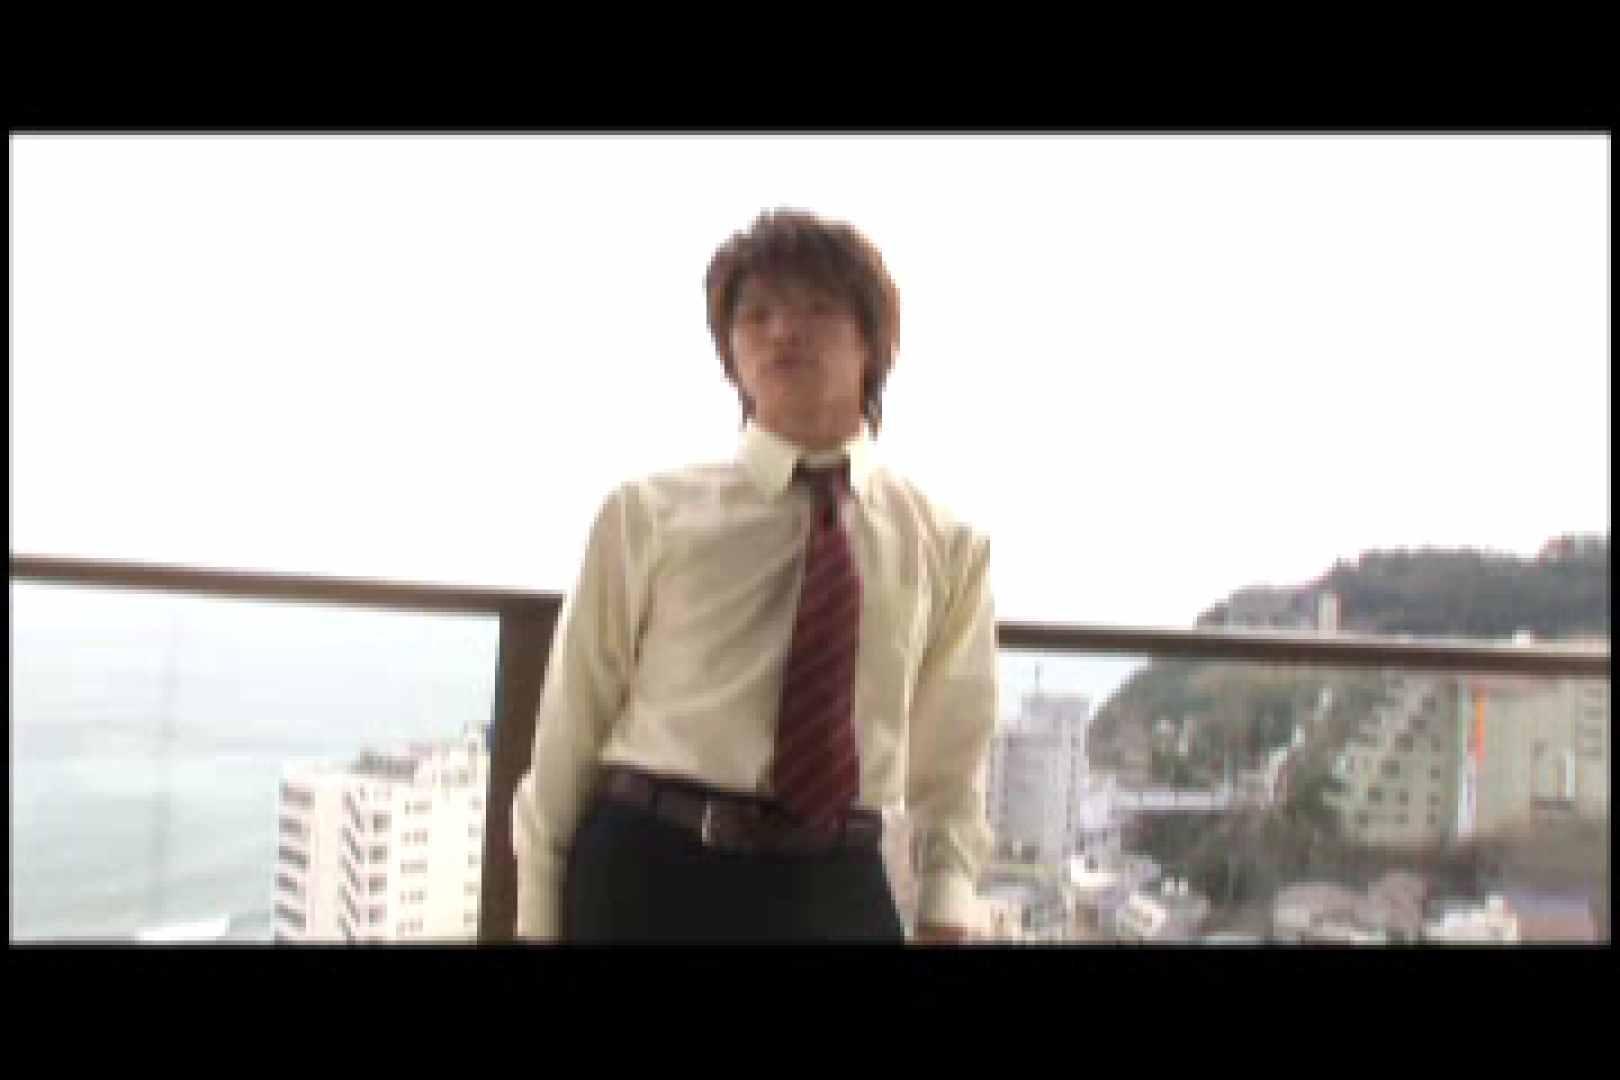 美男子コレクションvol4 発射天国 ゲイフリーエロ画像 54pic 18